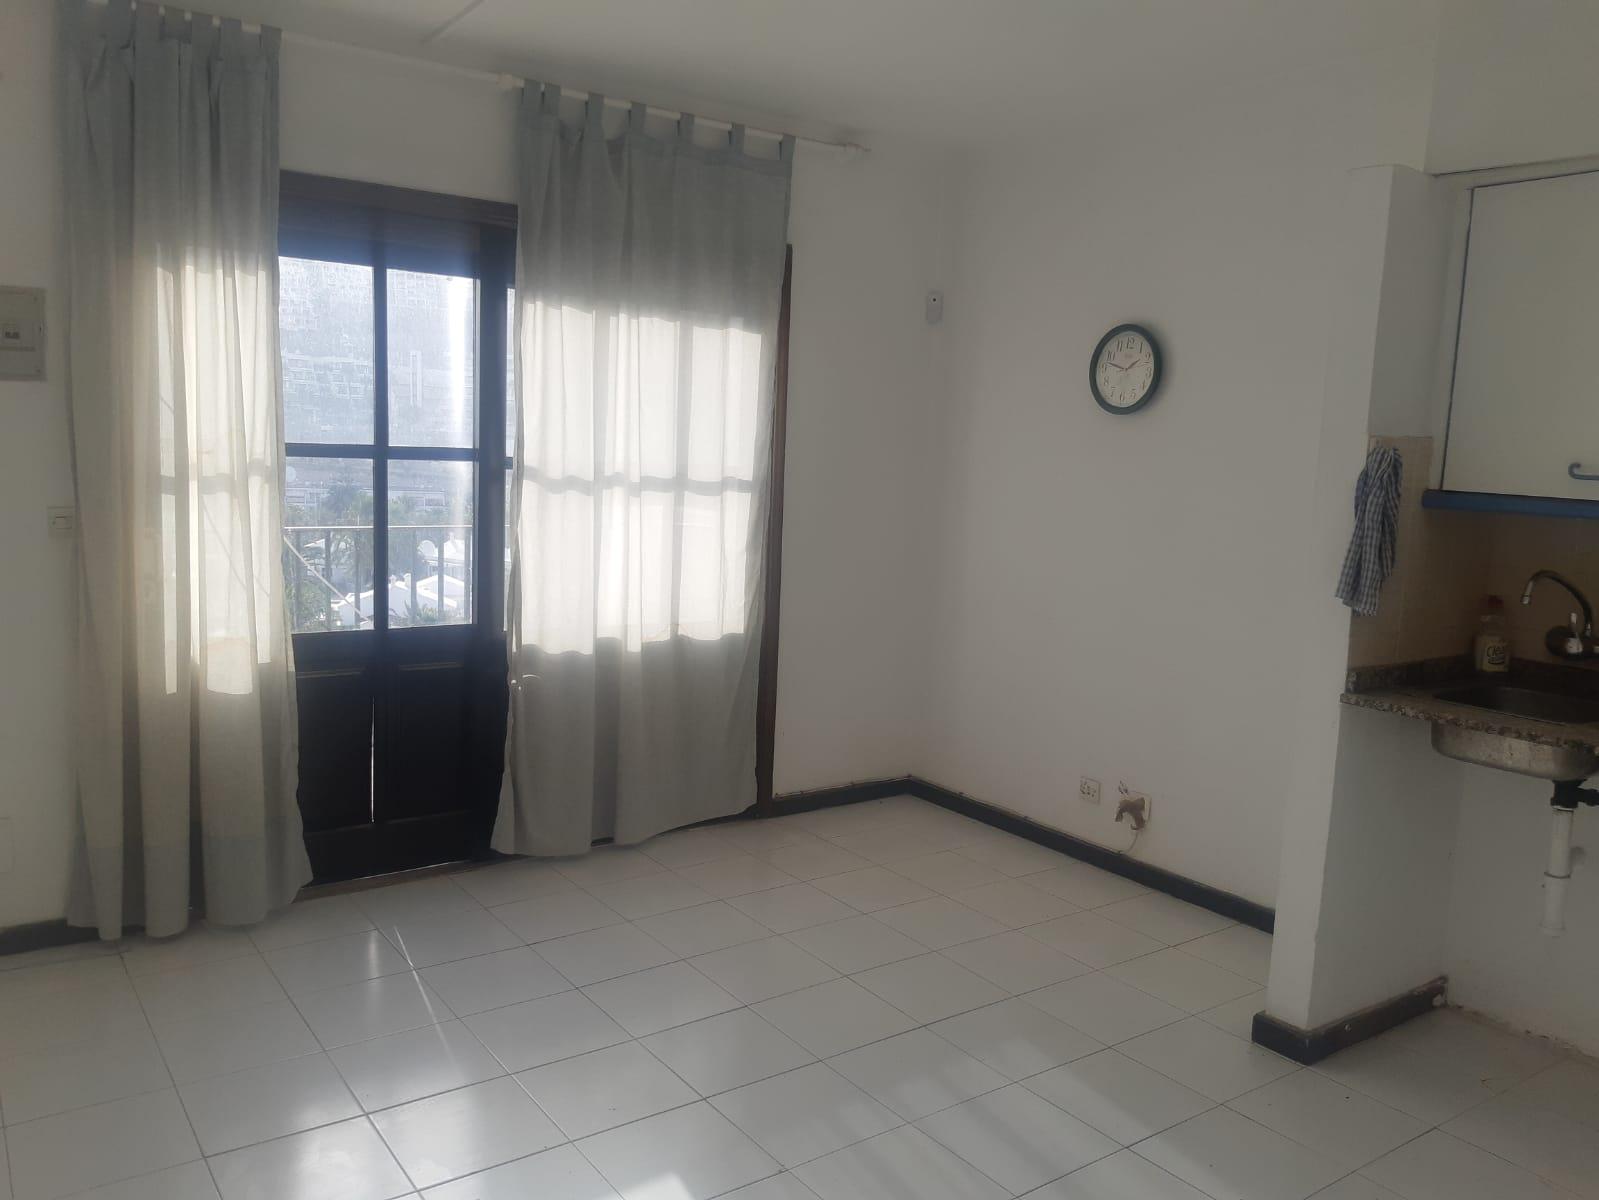 Piso en venta en La Rosilla, Mogán, Las Palmas, Avenida de la Constitucion, 82.000 €, 1 habitación, 1 baño, 42 m2